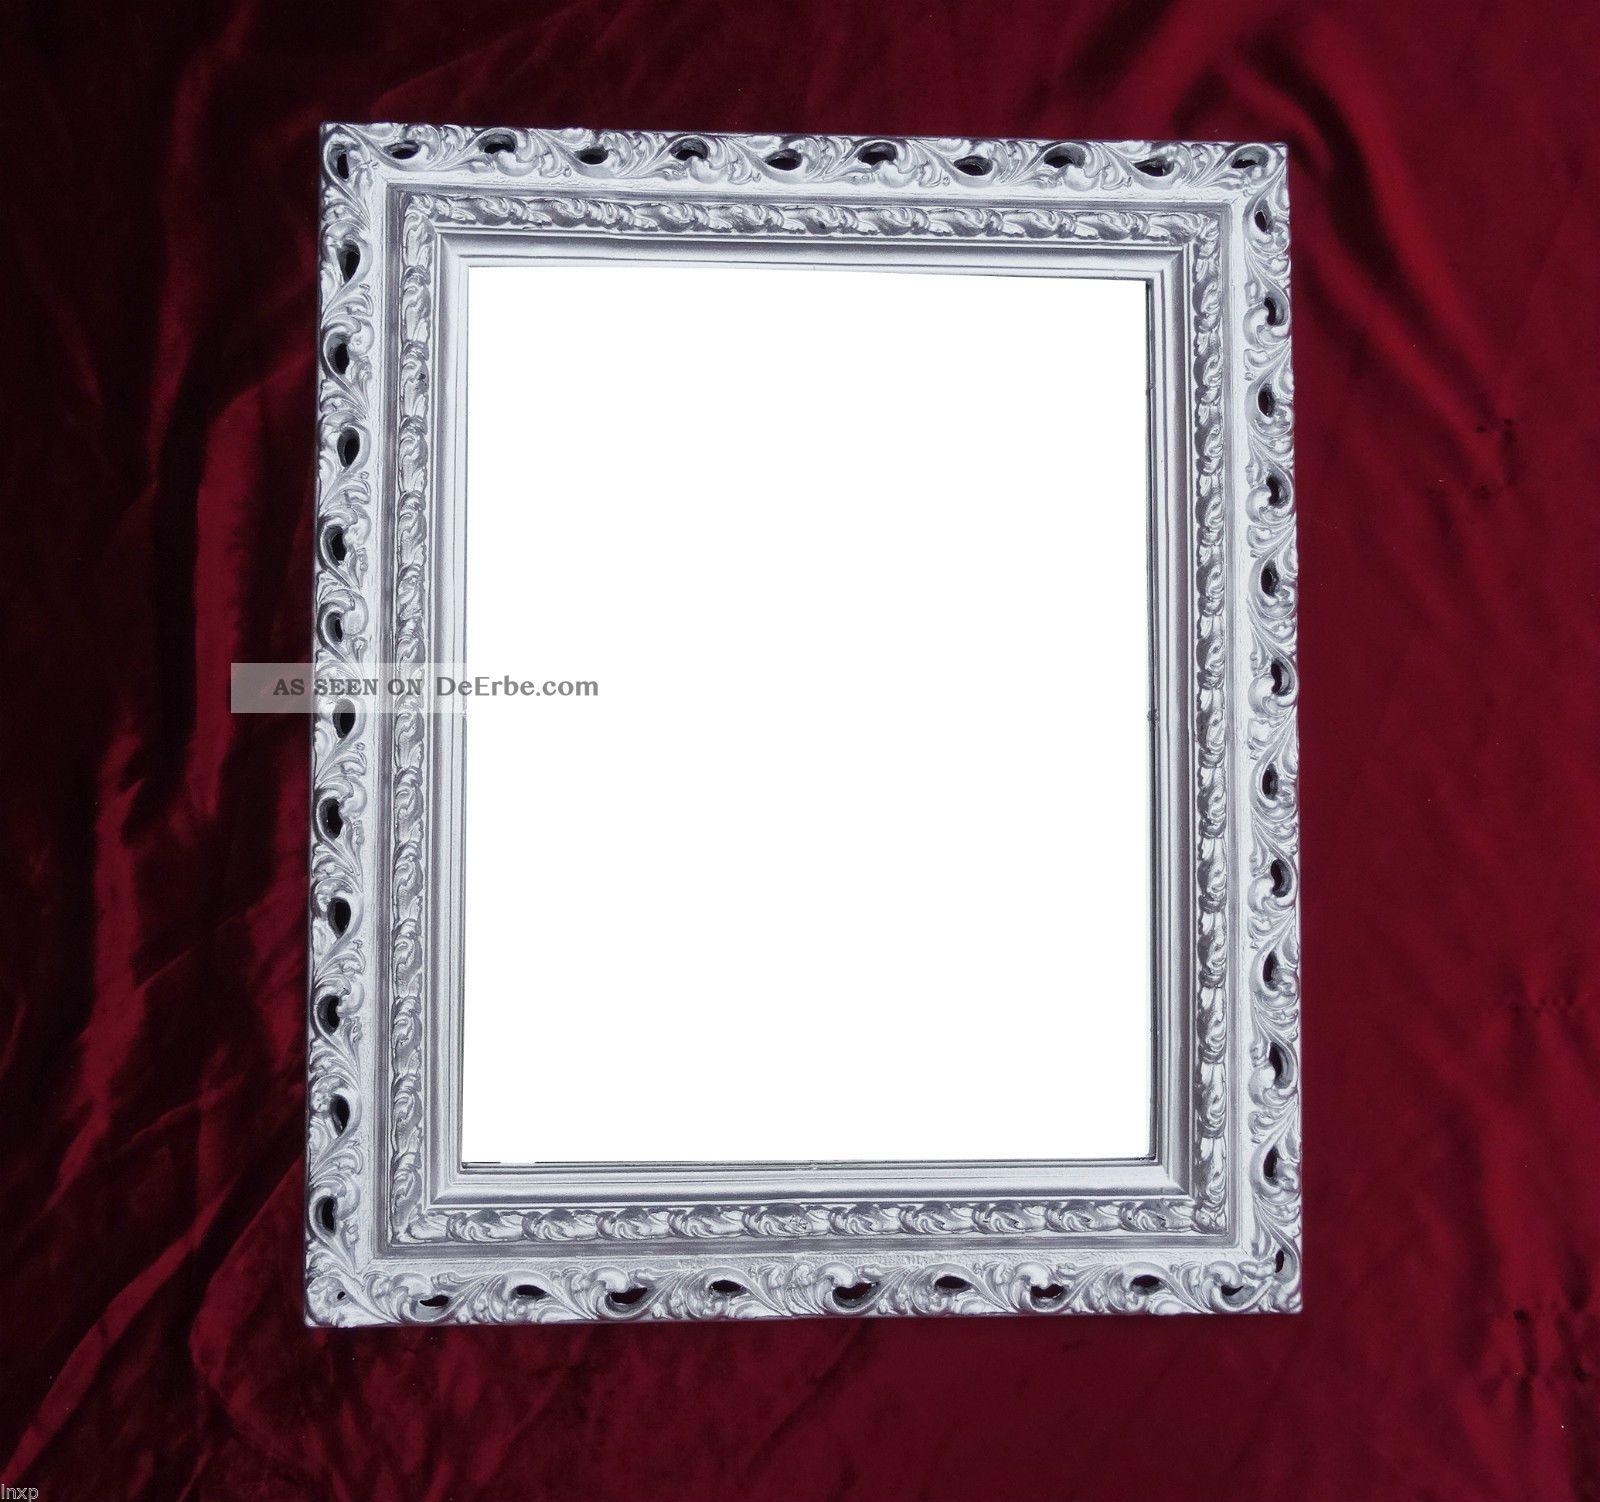 Wandspiegel 43x36 Spiegel Barock Rechteckig Repro Silber ...